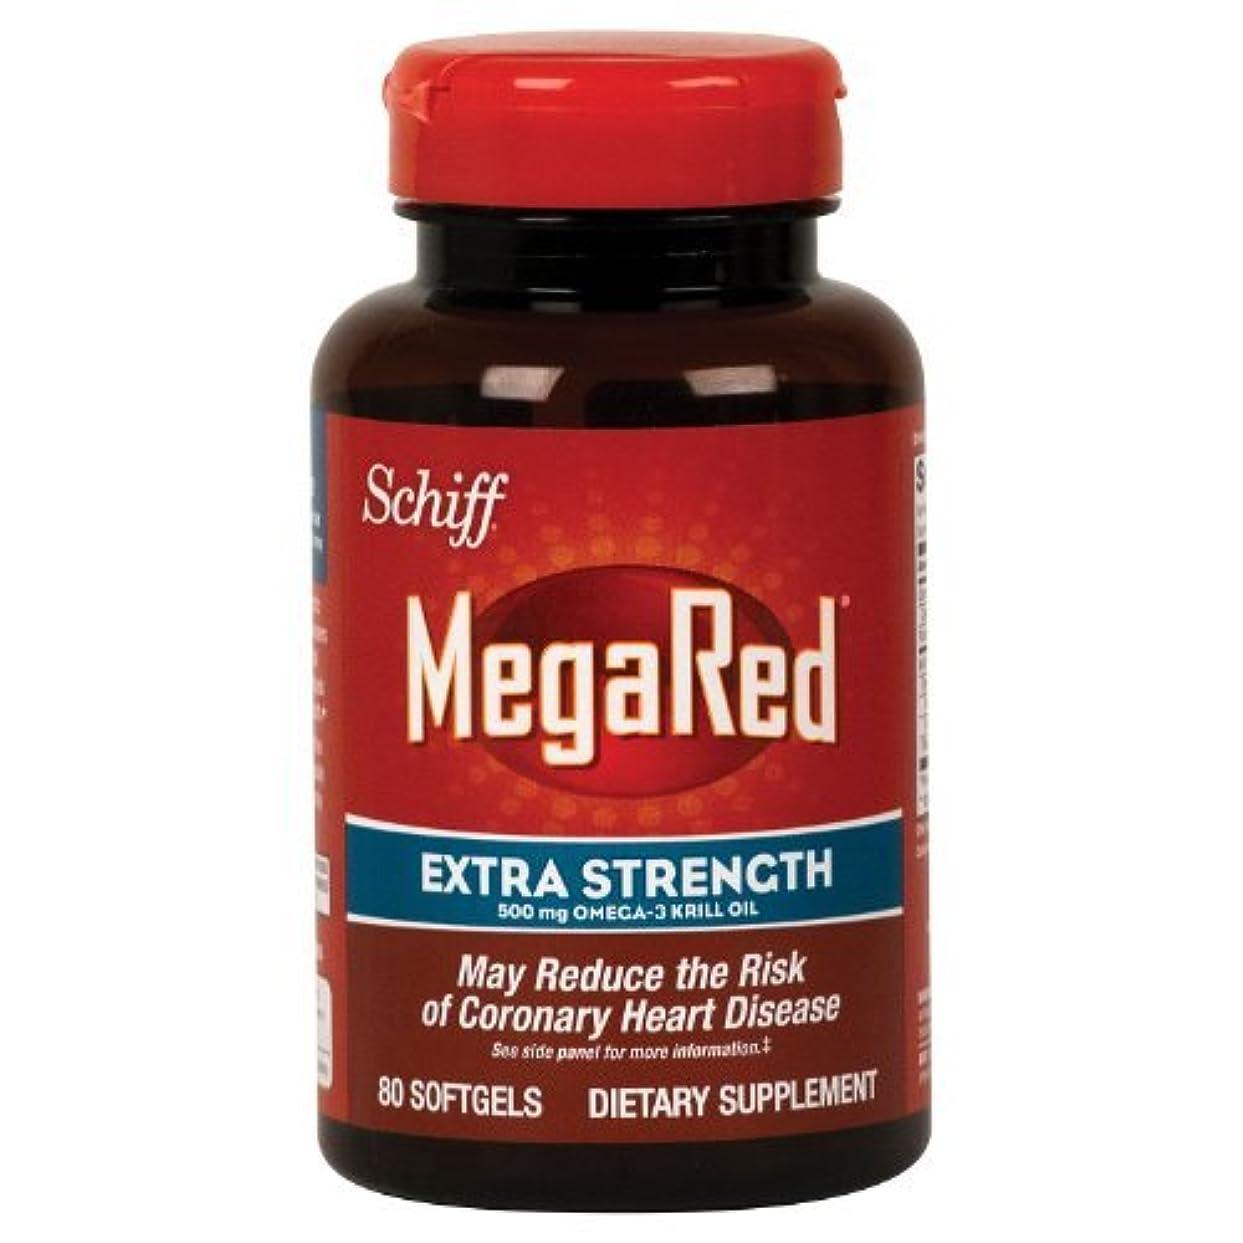 愛情テーブル名目上のSchiff Megared Extra Strength 500mg Omega-3 Krill Oil - 80 Softgels by Simply Right [並行輸入品]